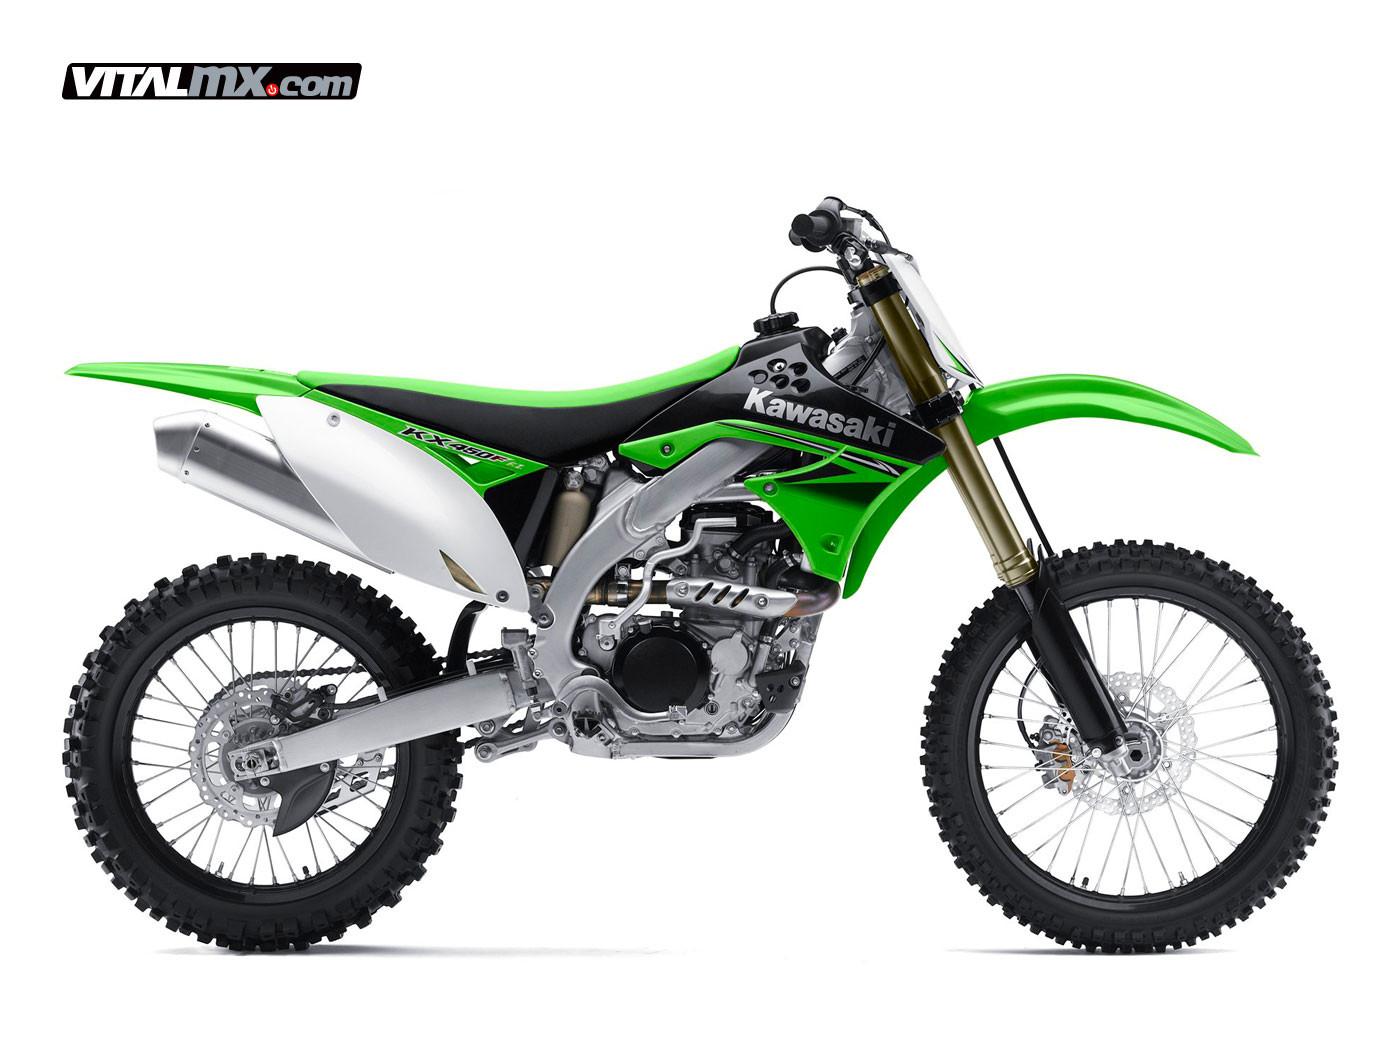 2010 Kawasaki KX450F - 2010 Kawasaki KX Models - Motocross Pictures - Vital MX